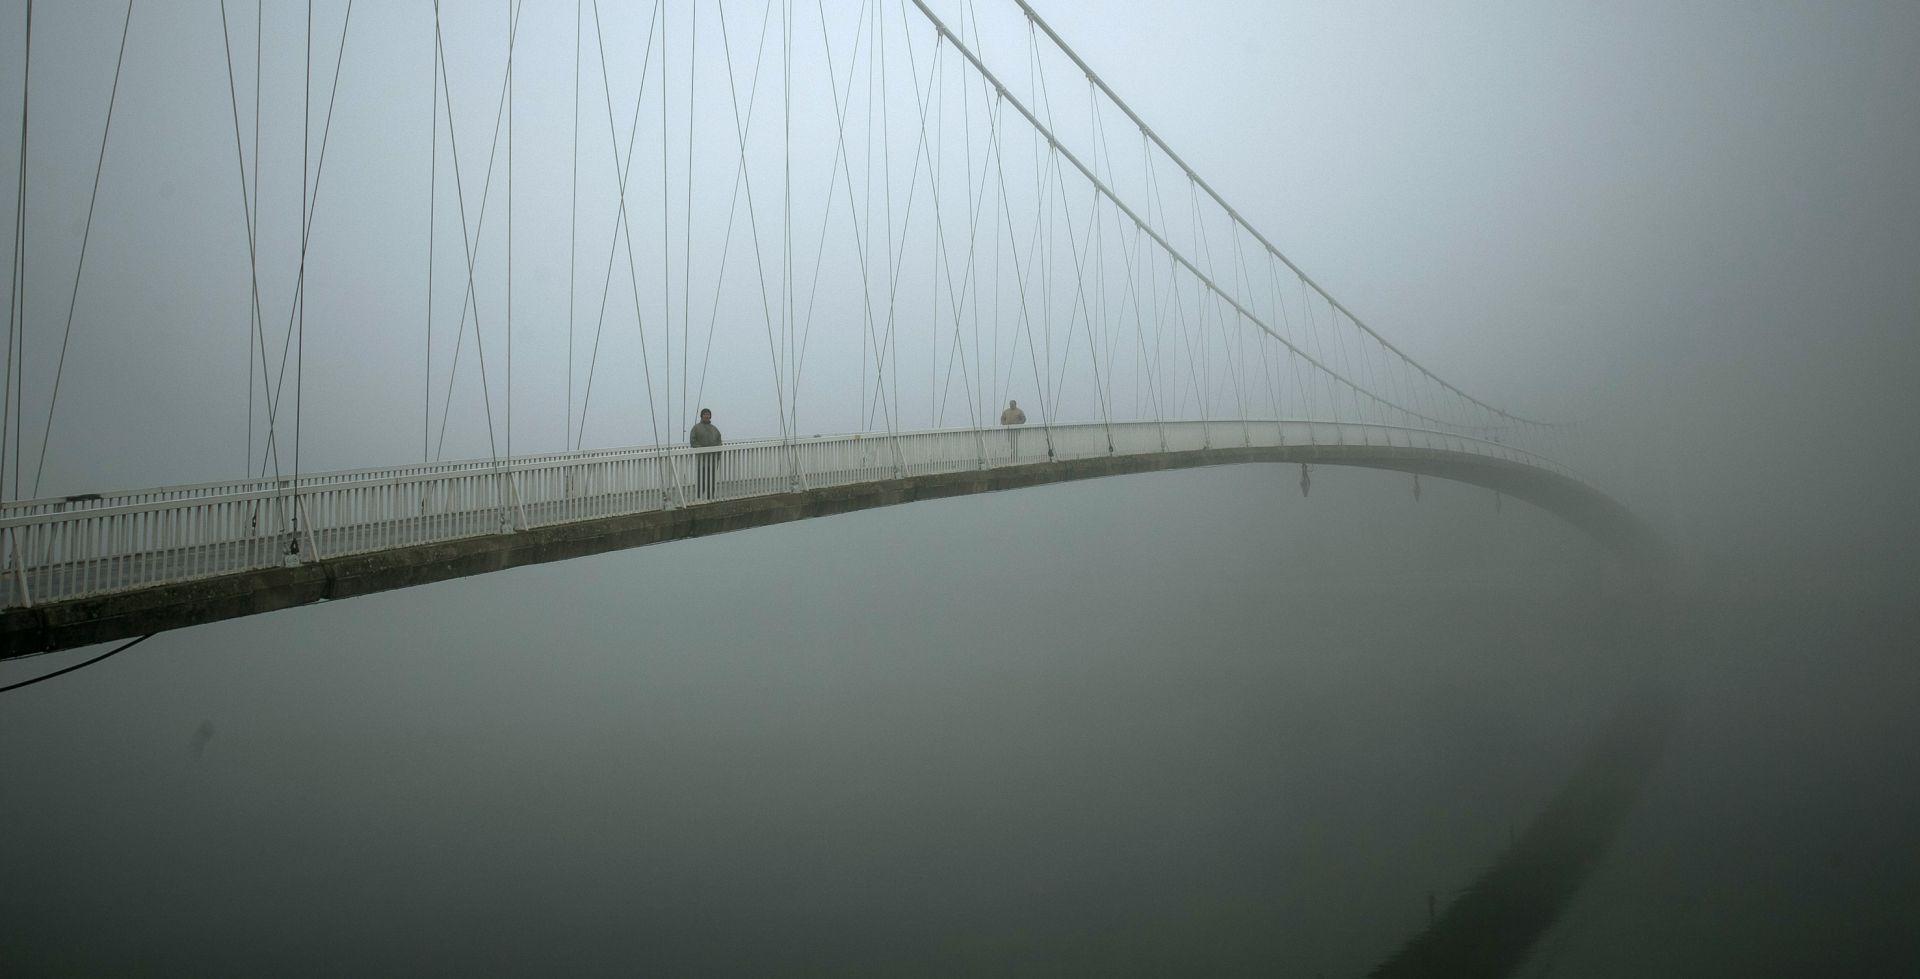 HAK Magla smanjuje vidjljivost, posebna regulacija prometa u Zagrebu